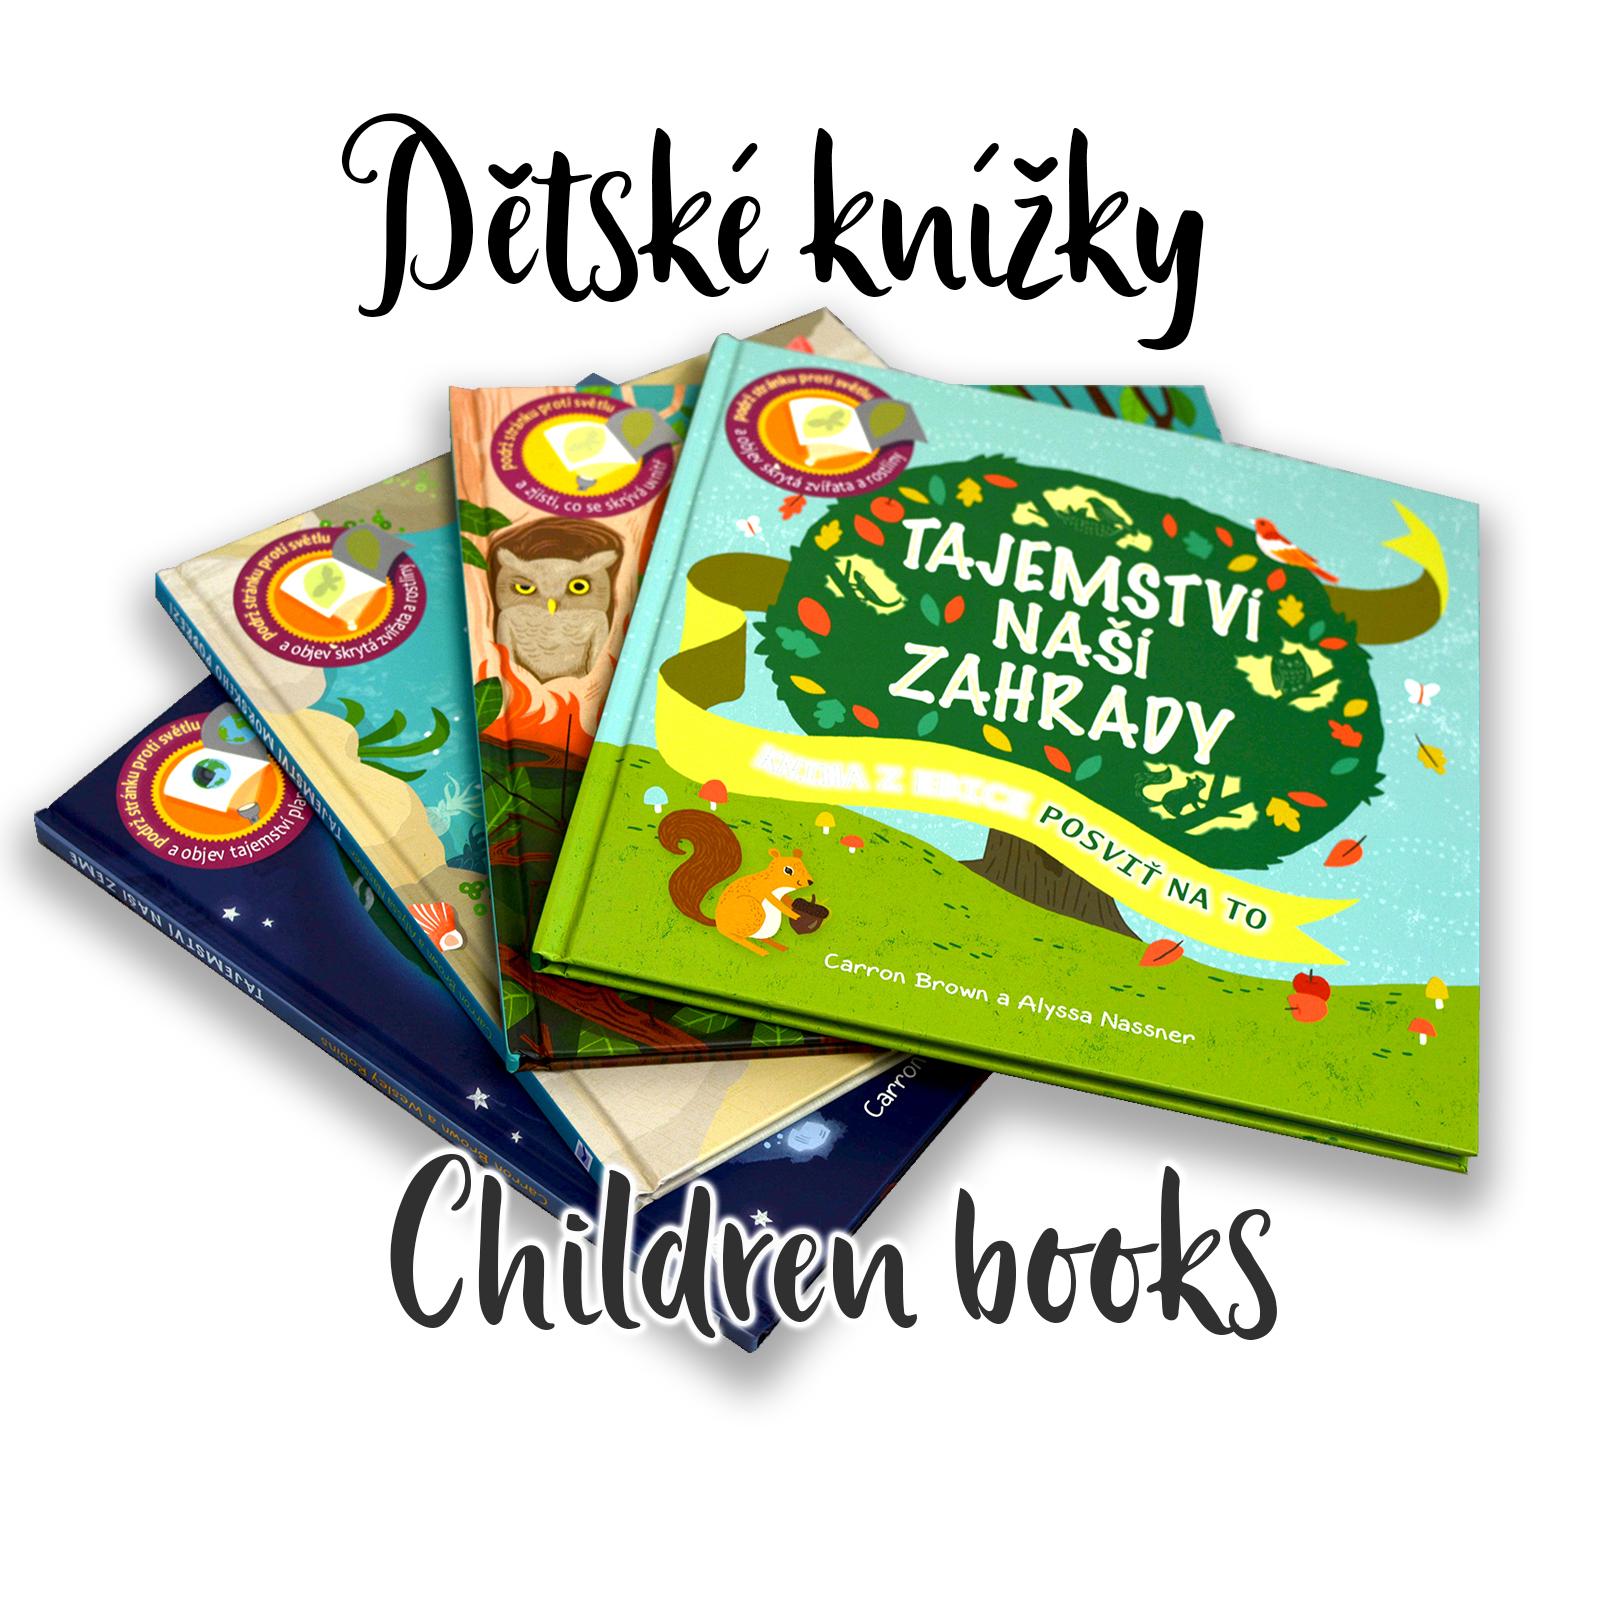 Dětské knížky (Children books)